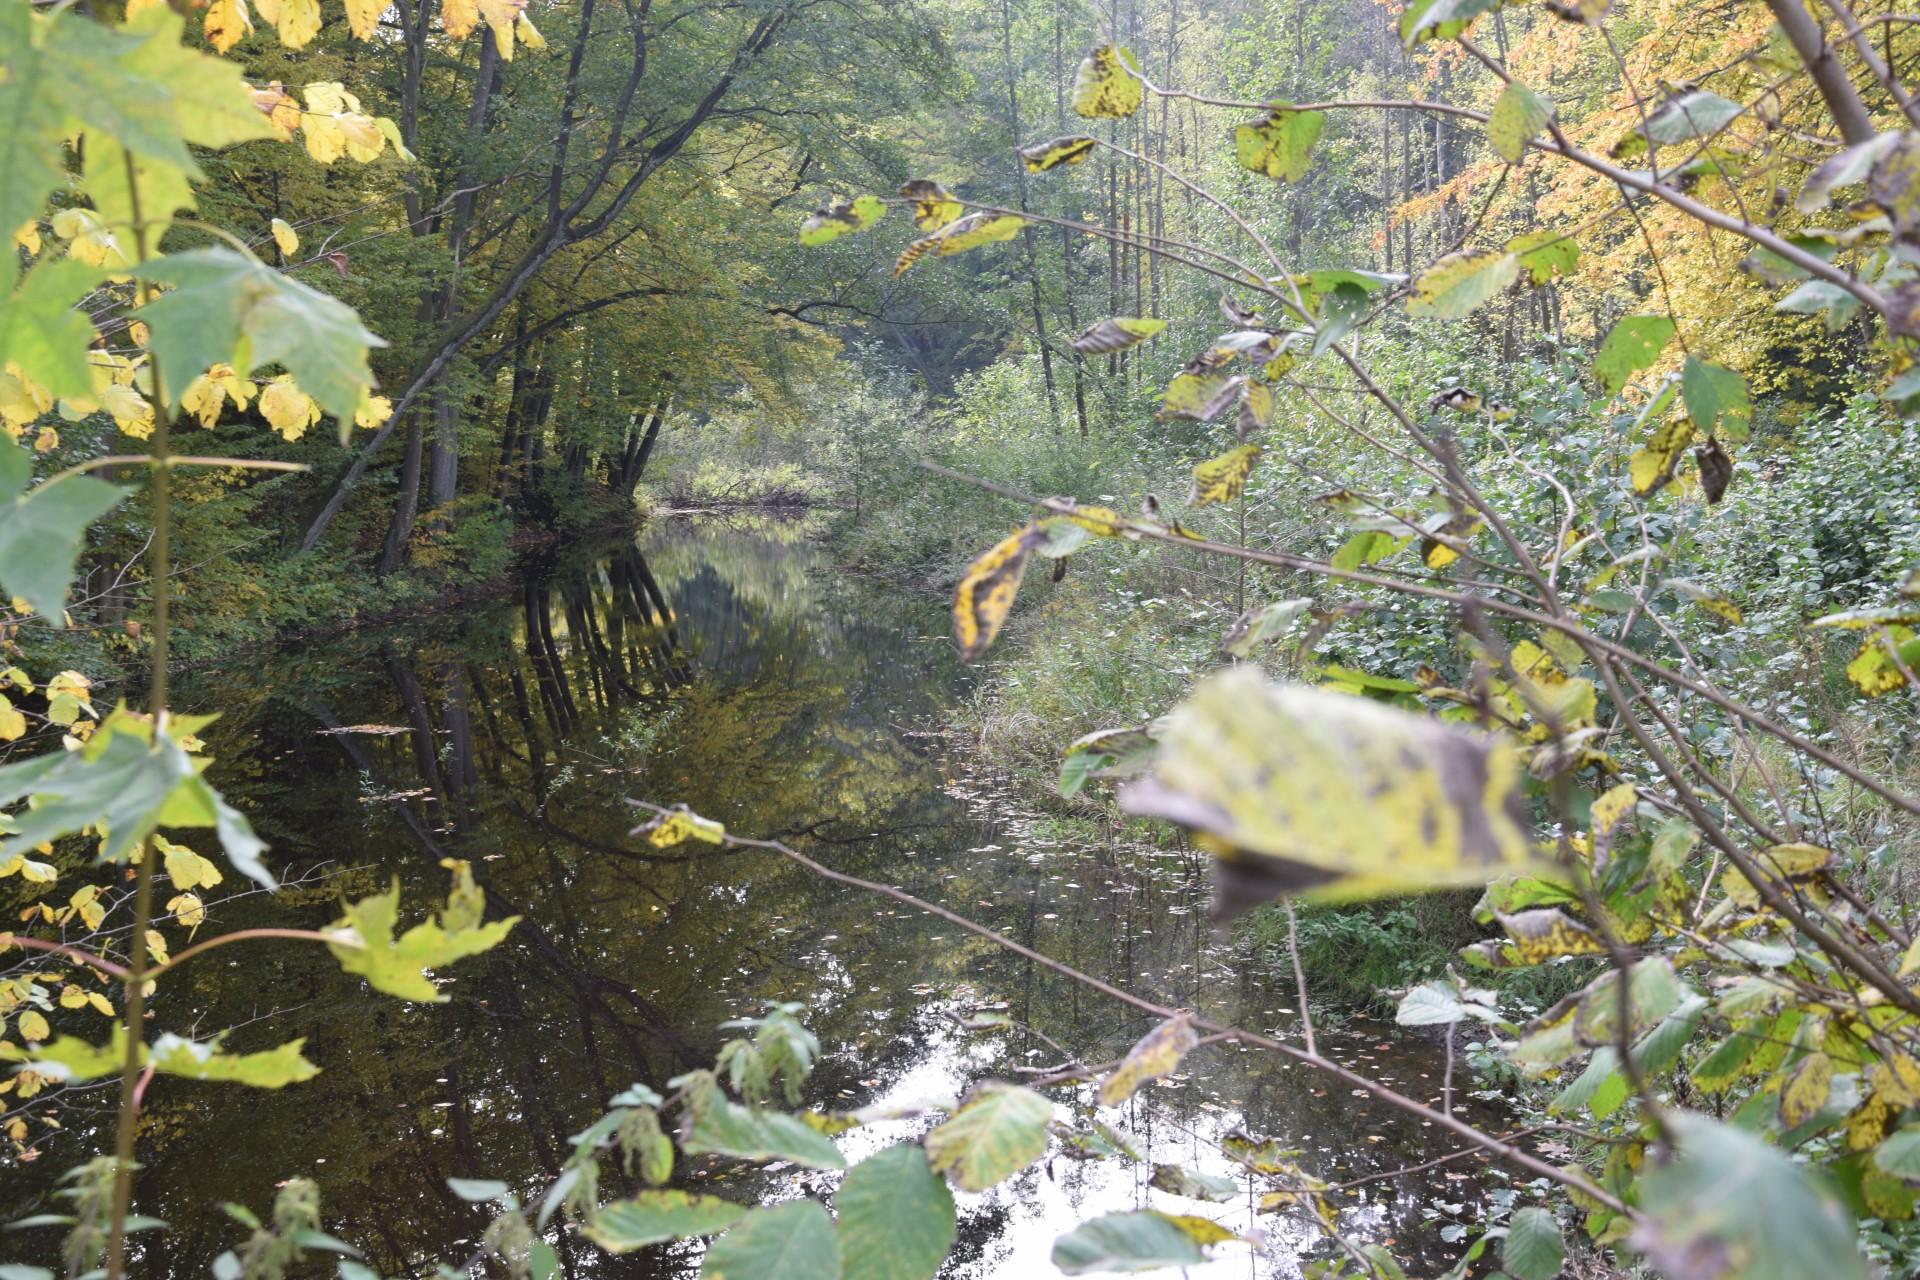 Wieś krzyżacka, rzeka niczym z gór [FILM] 7